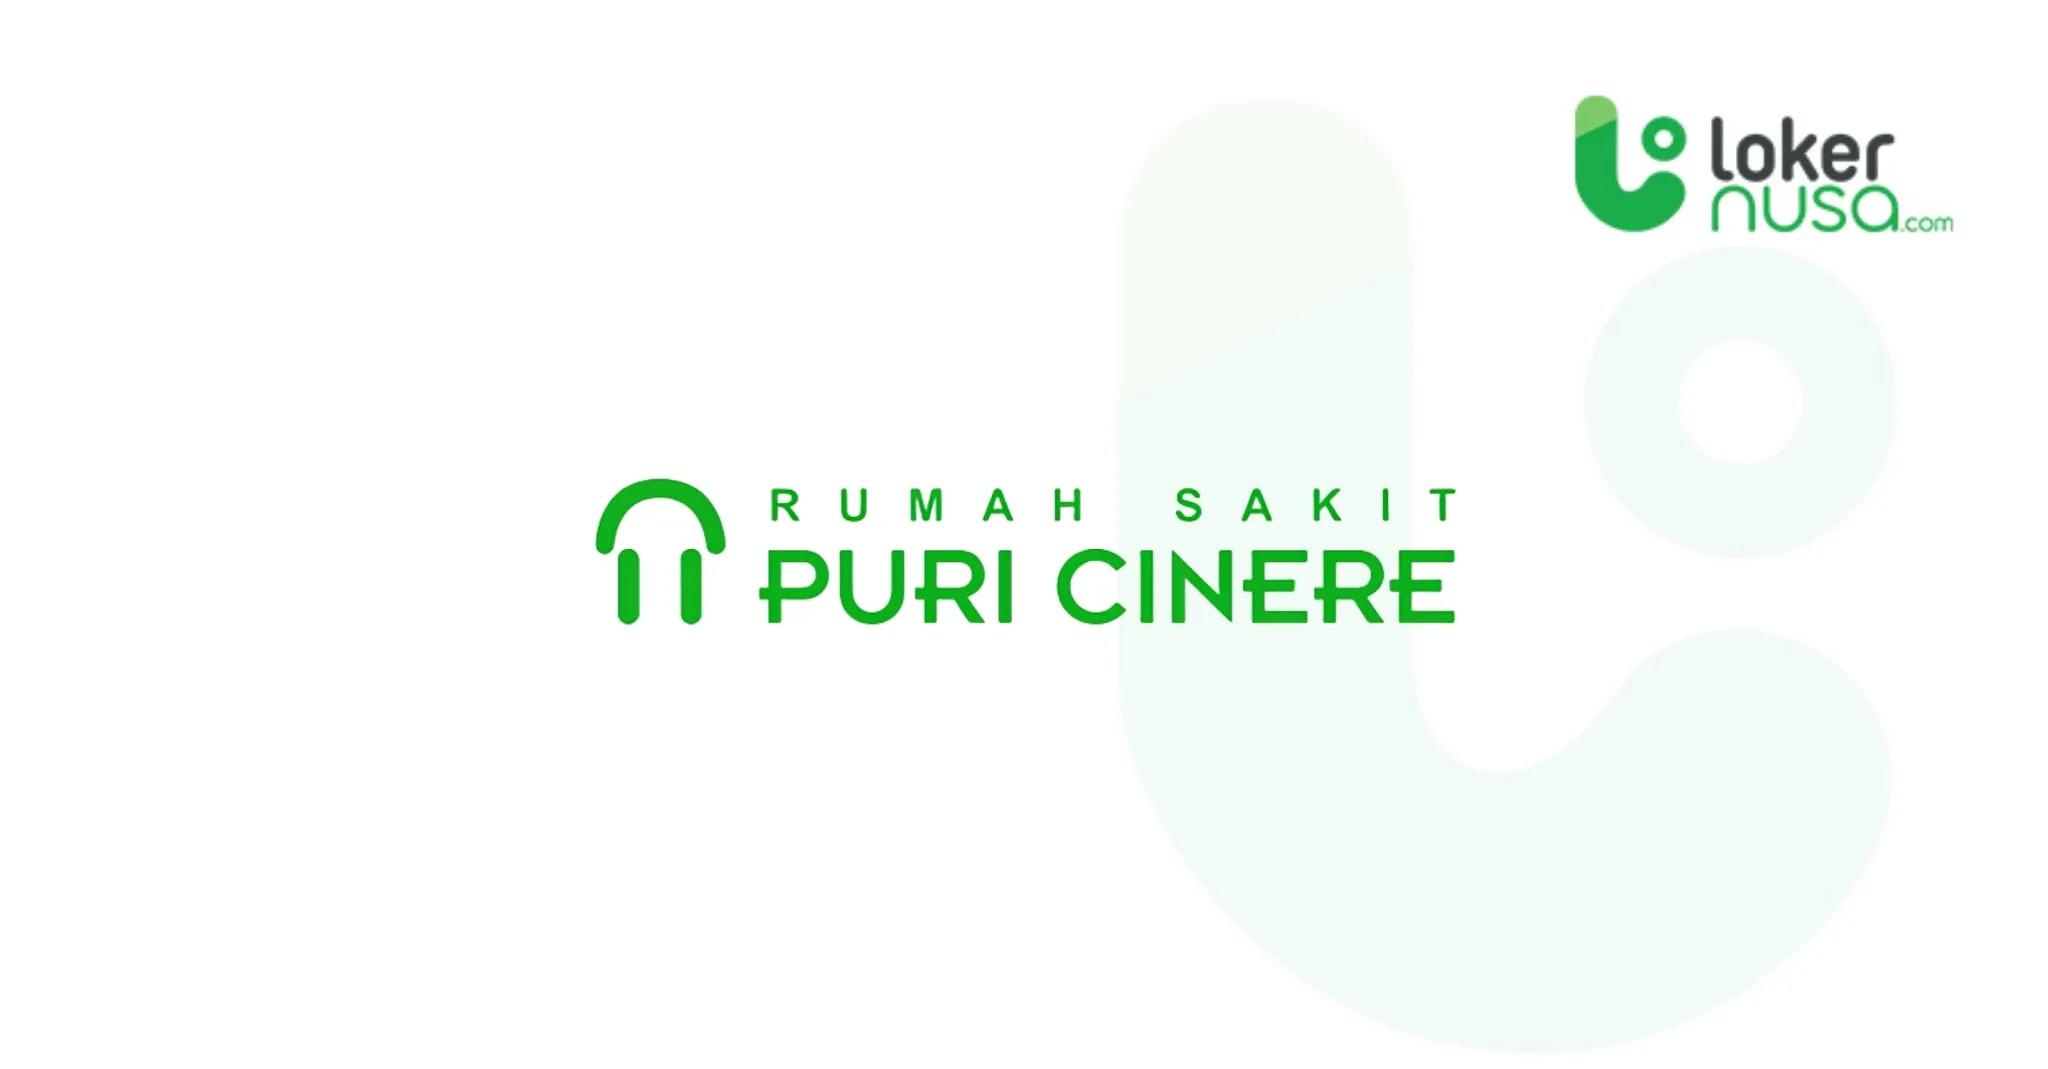 Rumah Sakit Puri Cinere